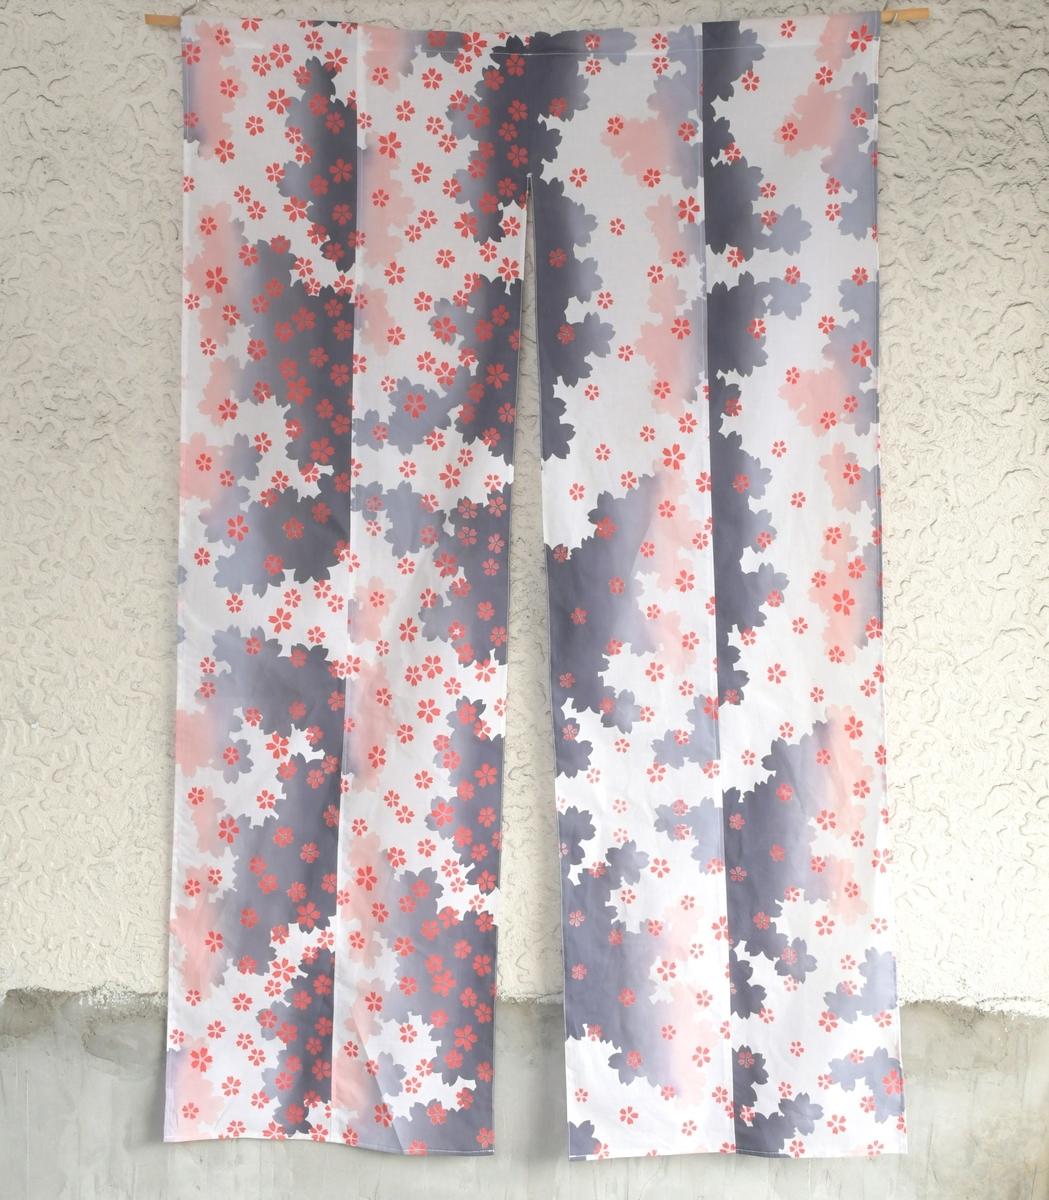 桜柄のアンティーク着物で暖簾をオーダー製作。